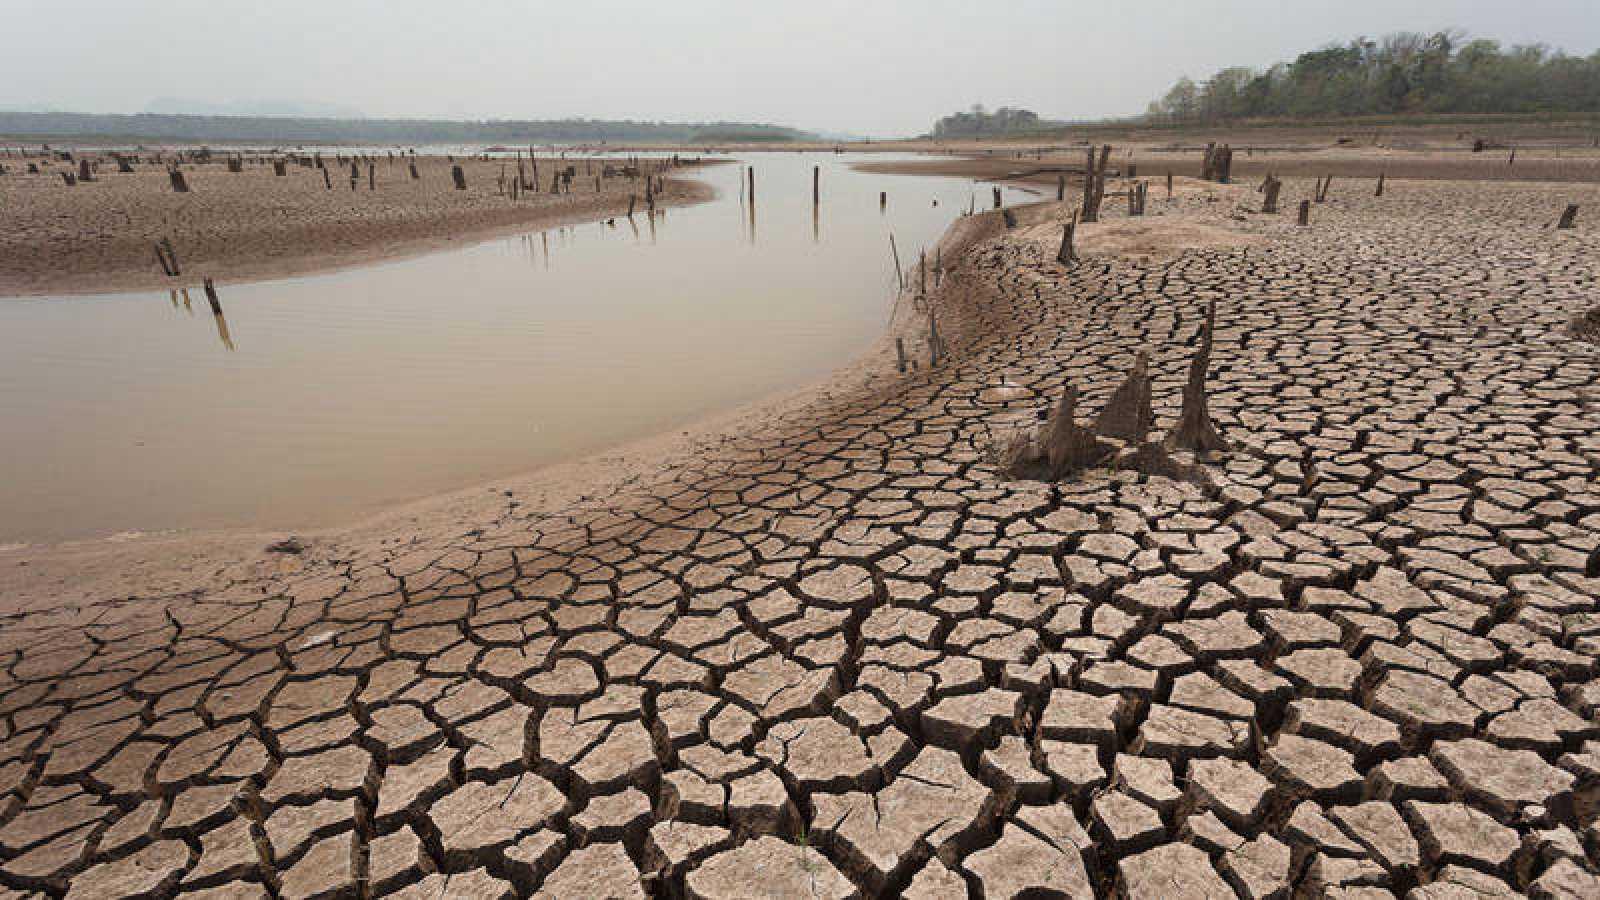 El aumento de la temperatura causaría graves amenazas a los ecosistemas, los sistemas humanos y las sociedades y las economías asociadas.